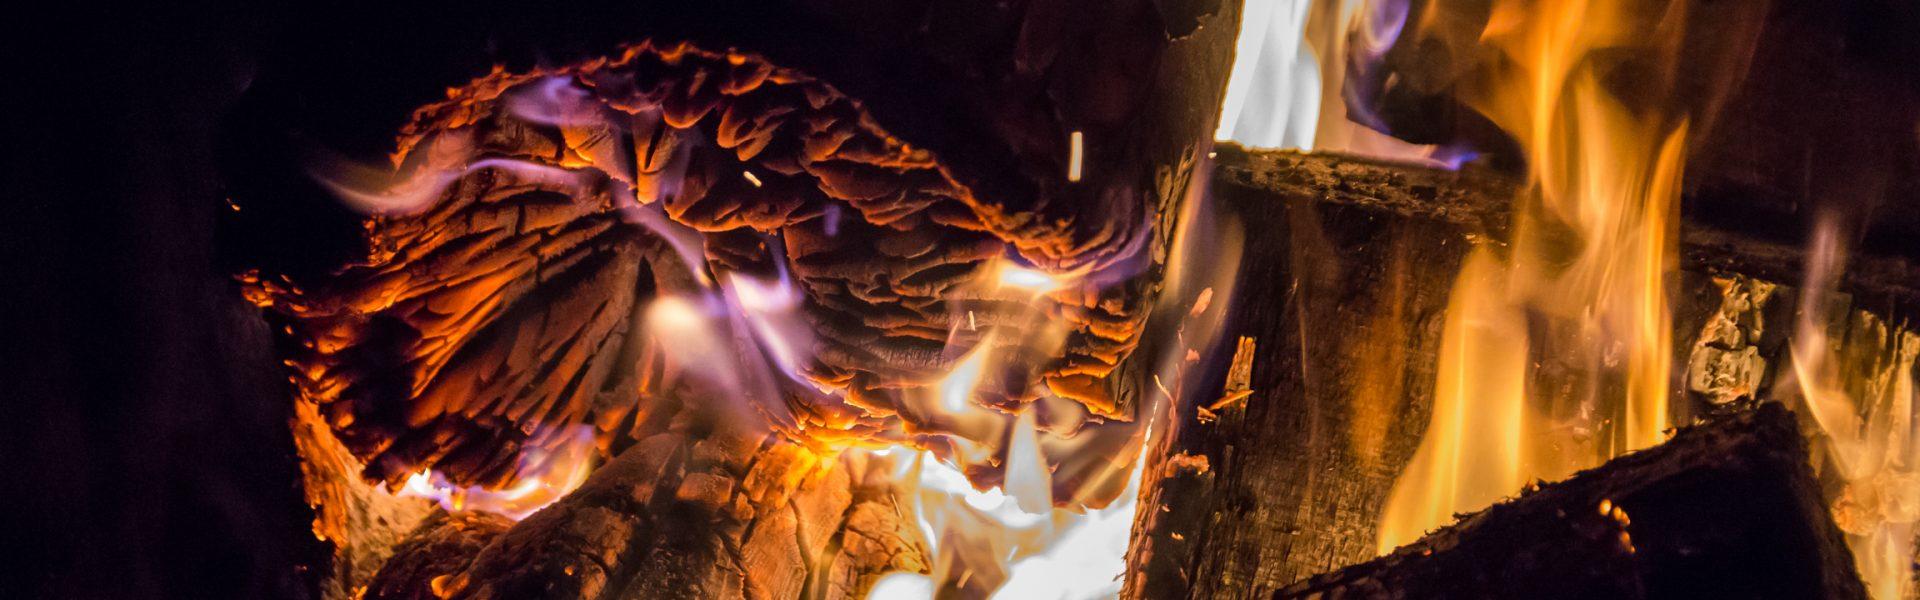 Feuer und Flammen, glühendes Holz